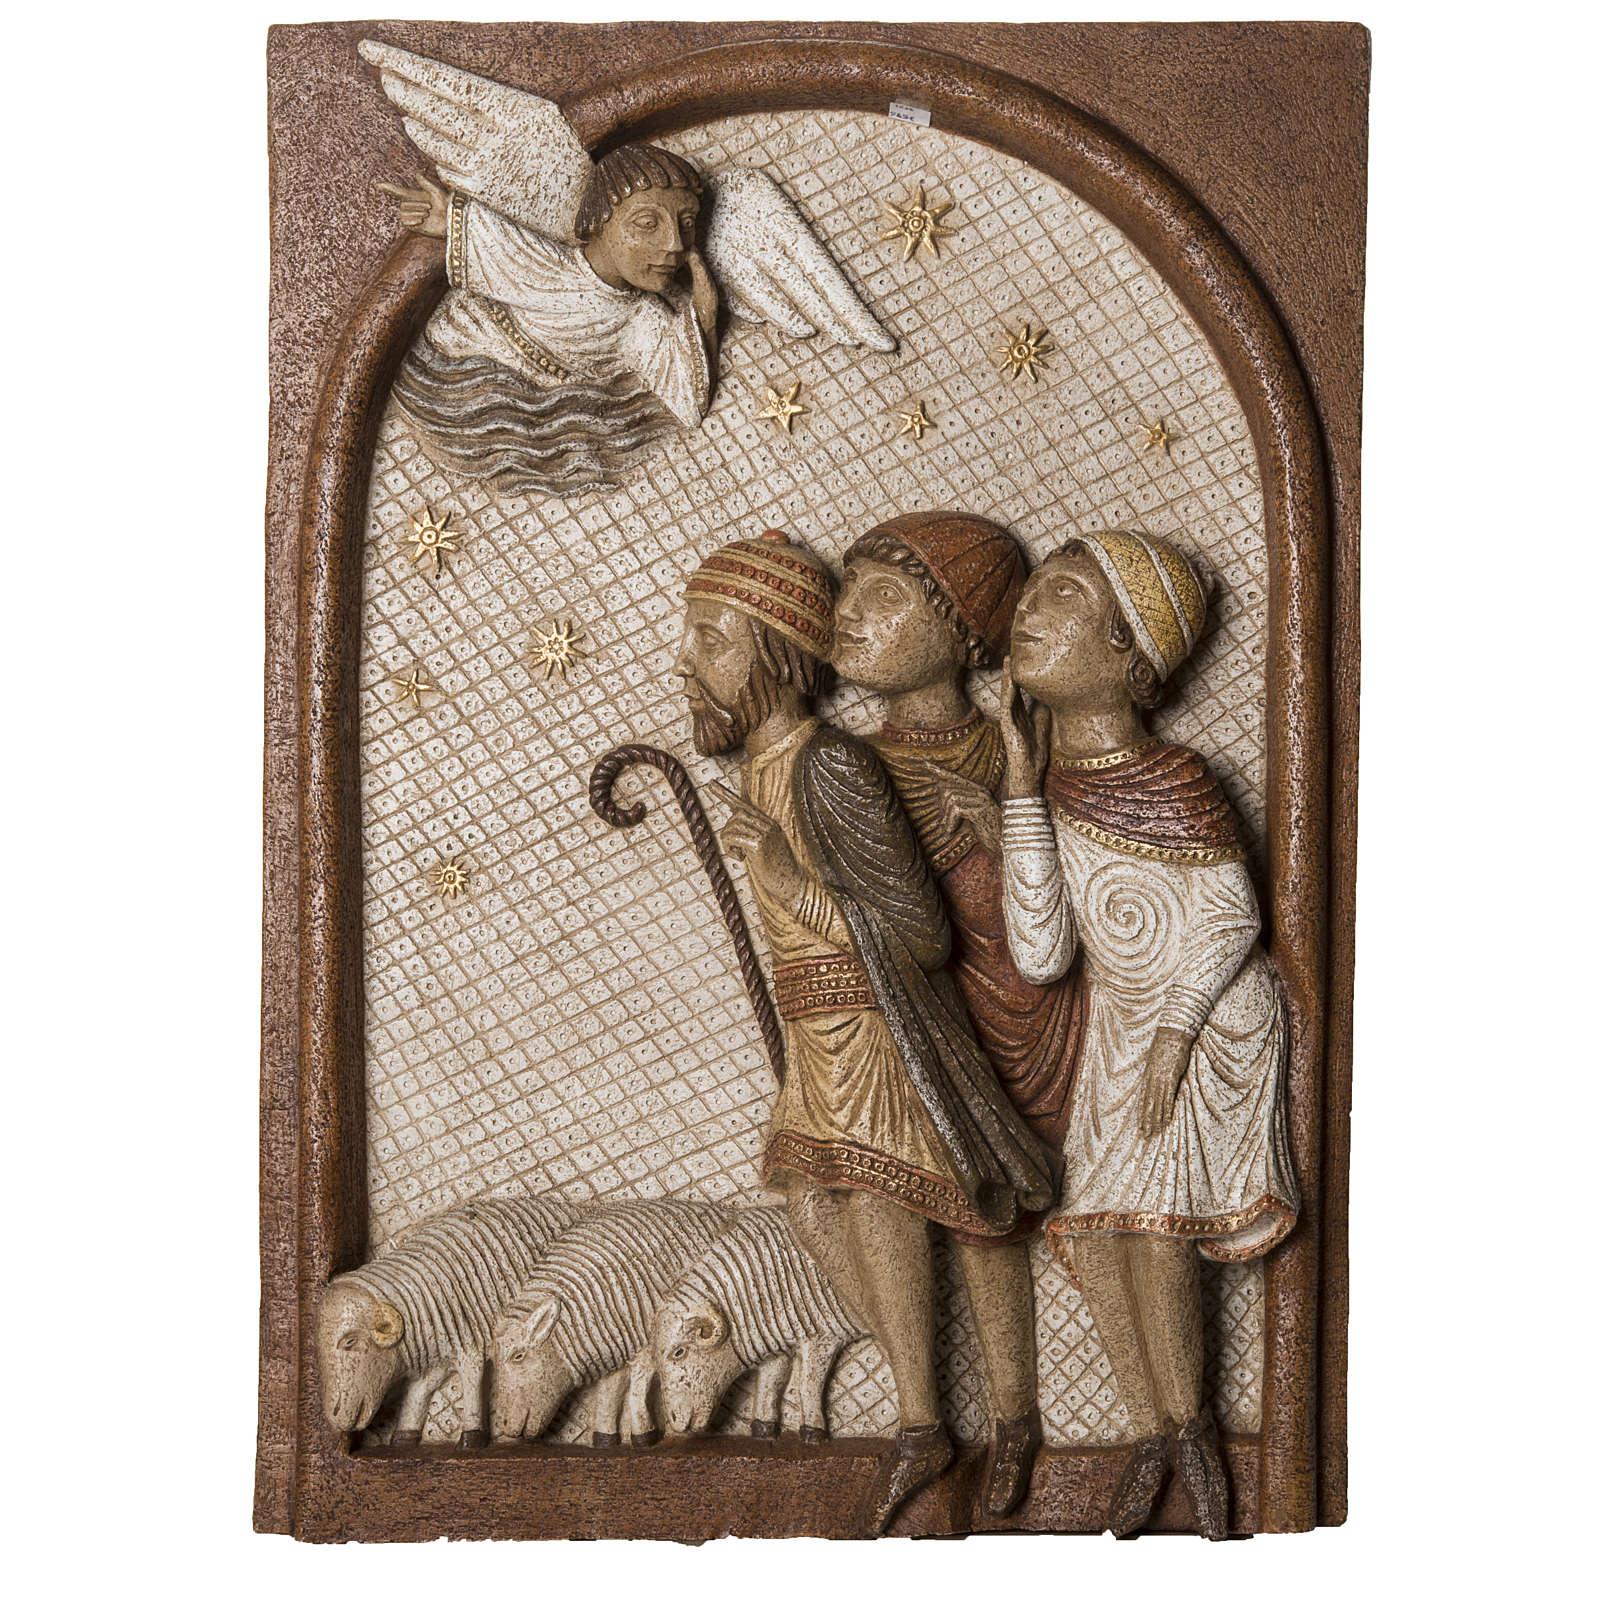 Bergers Grande crèche d'Autun pierre Bethlée 4